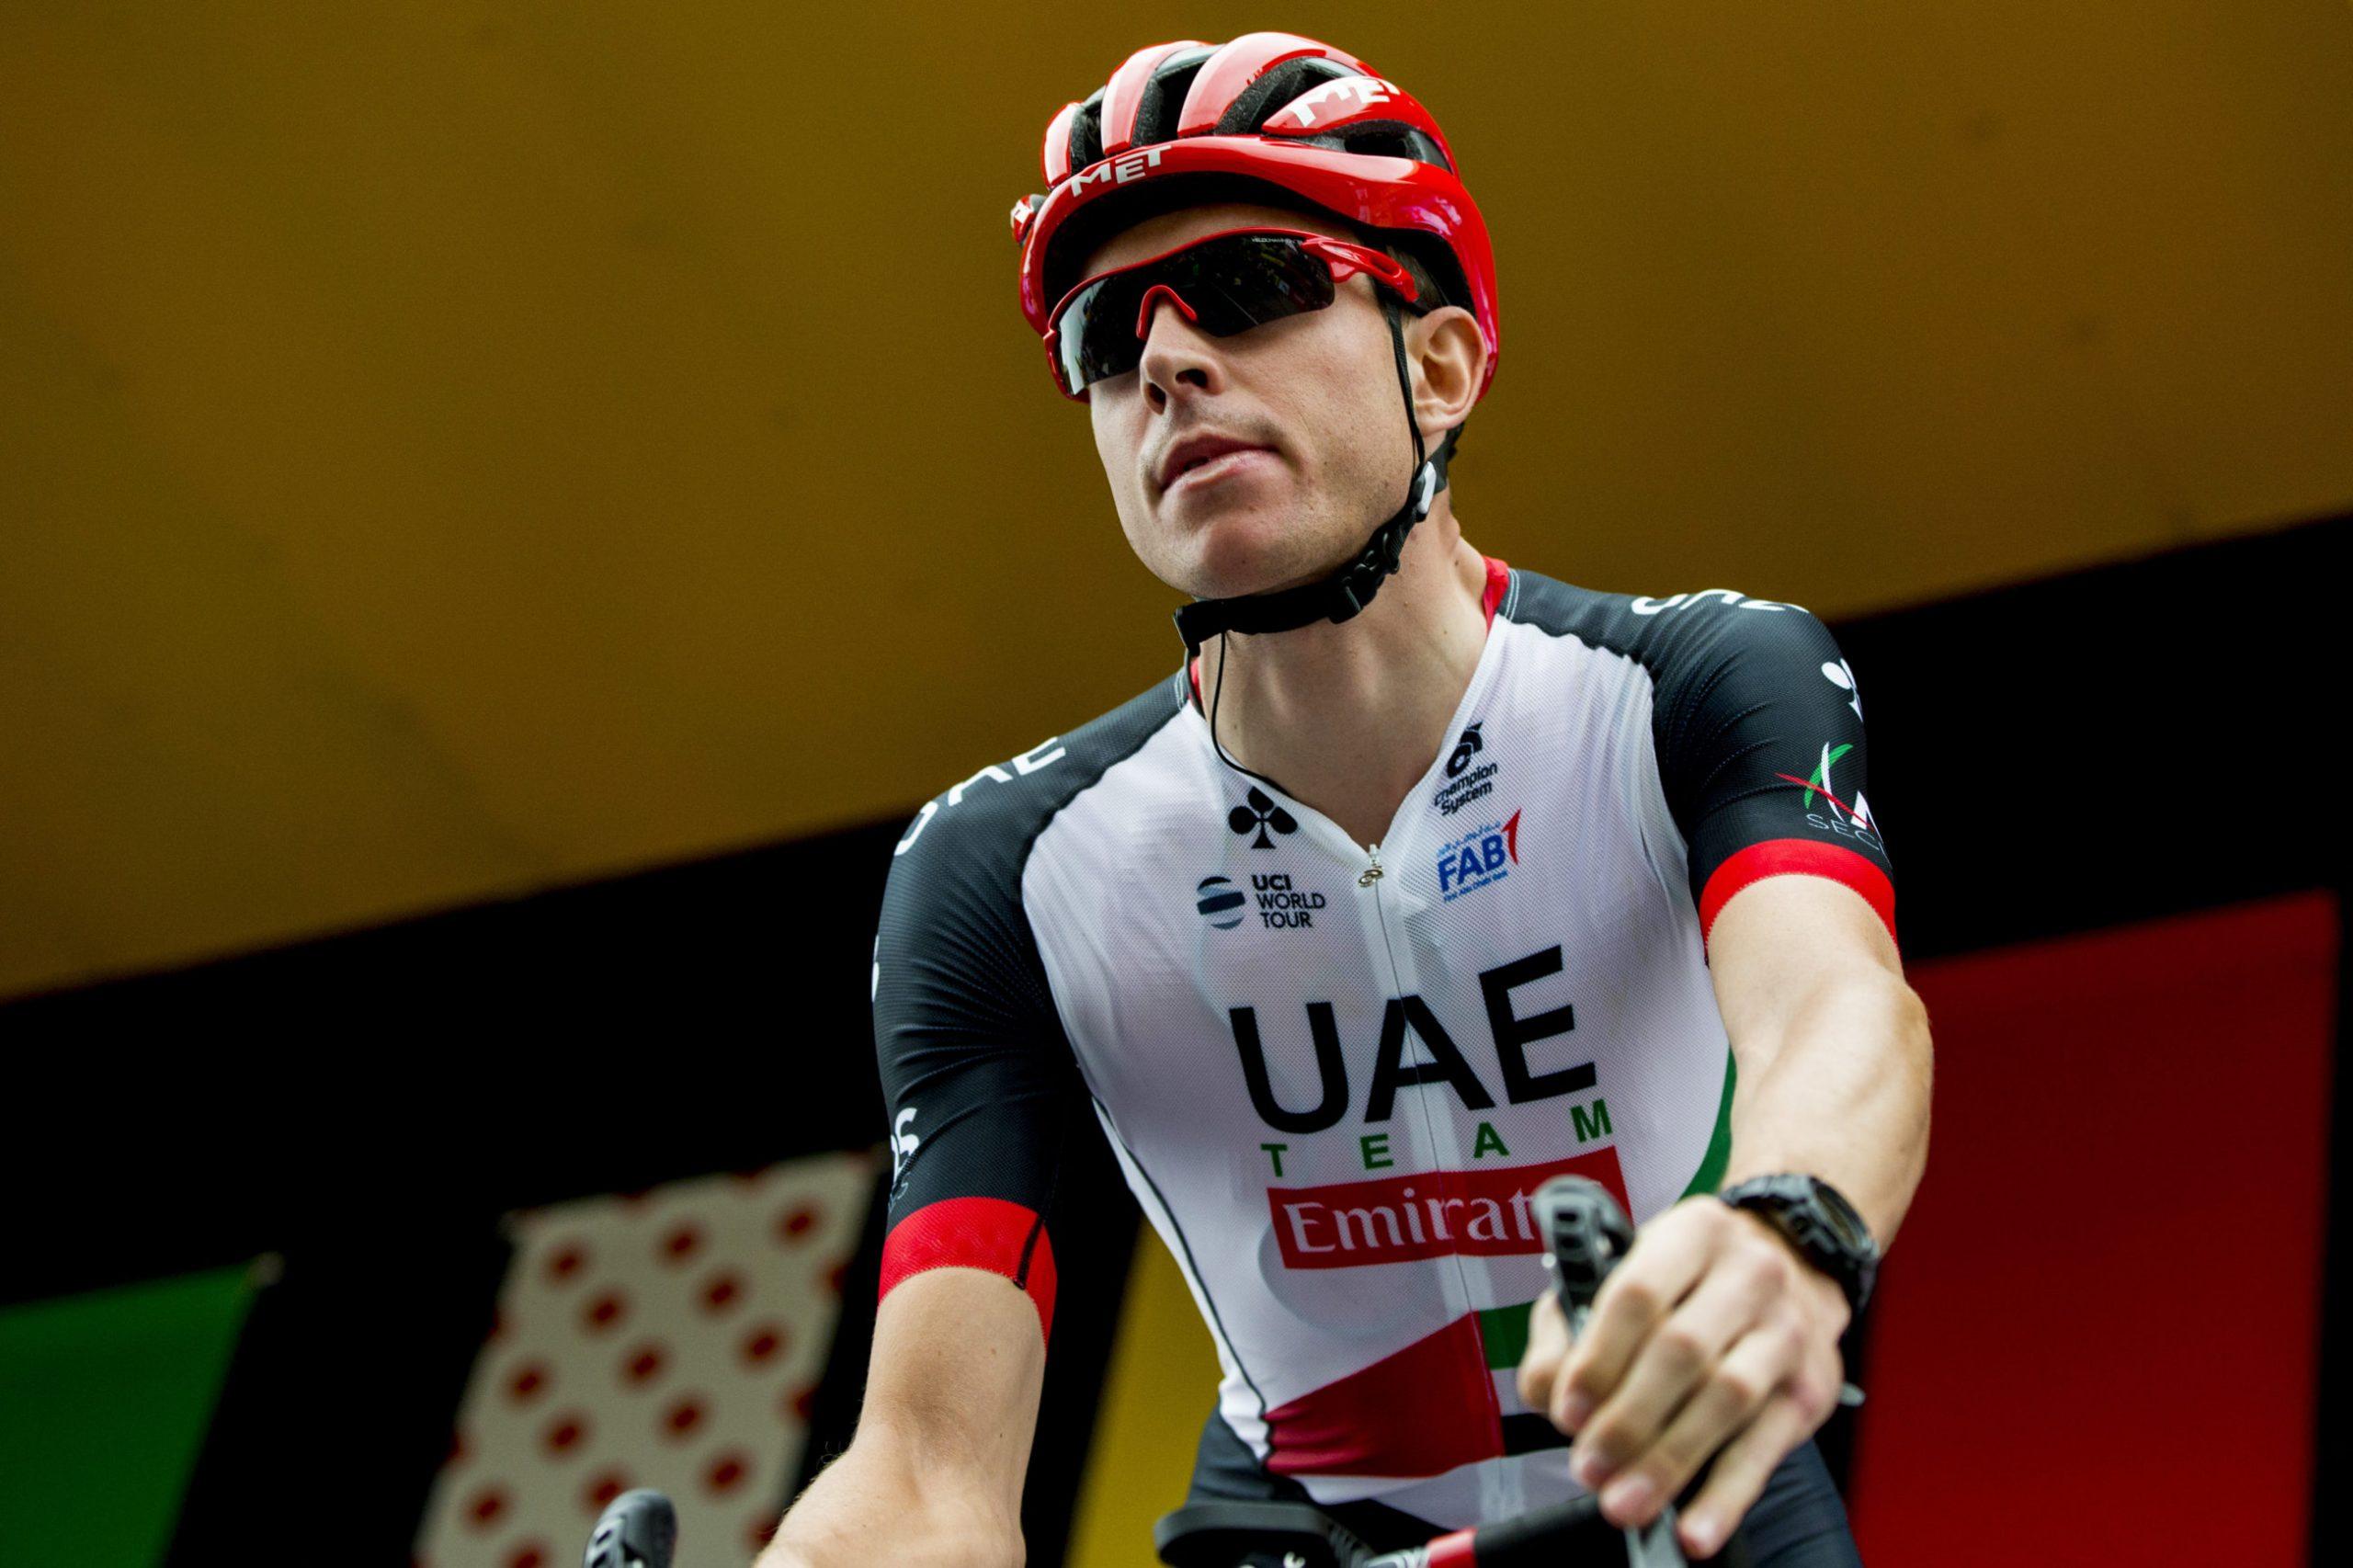 Laengen klar for Tour de France – fikk Bystrøms plass